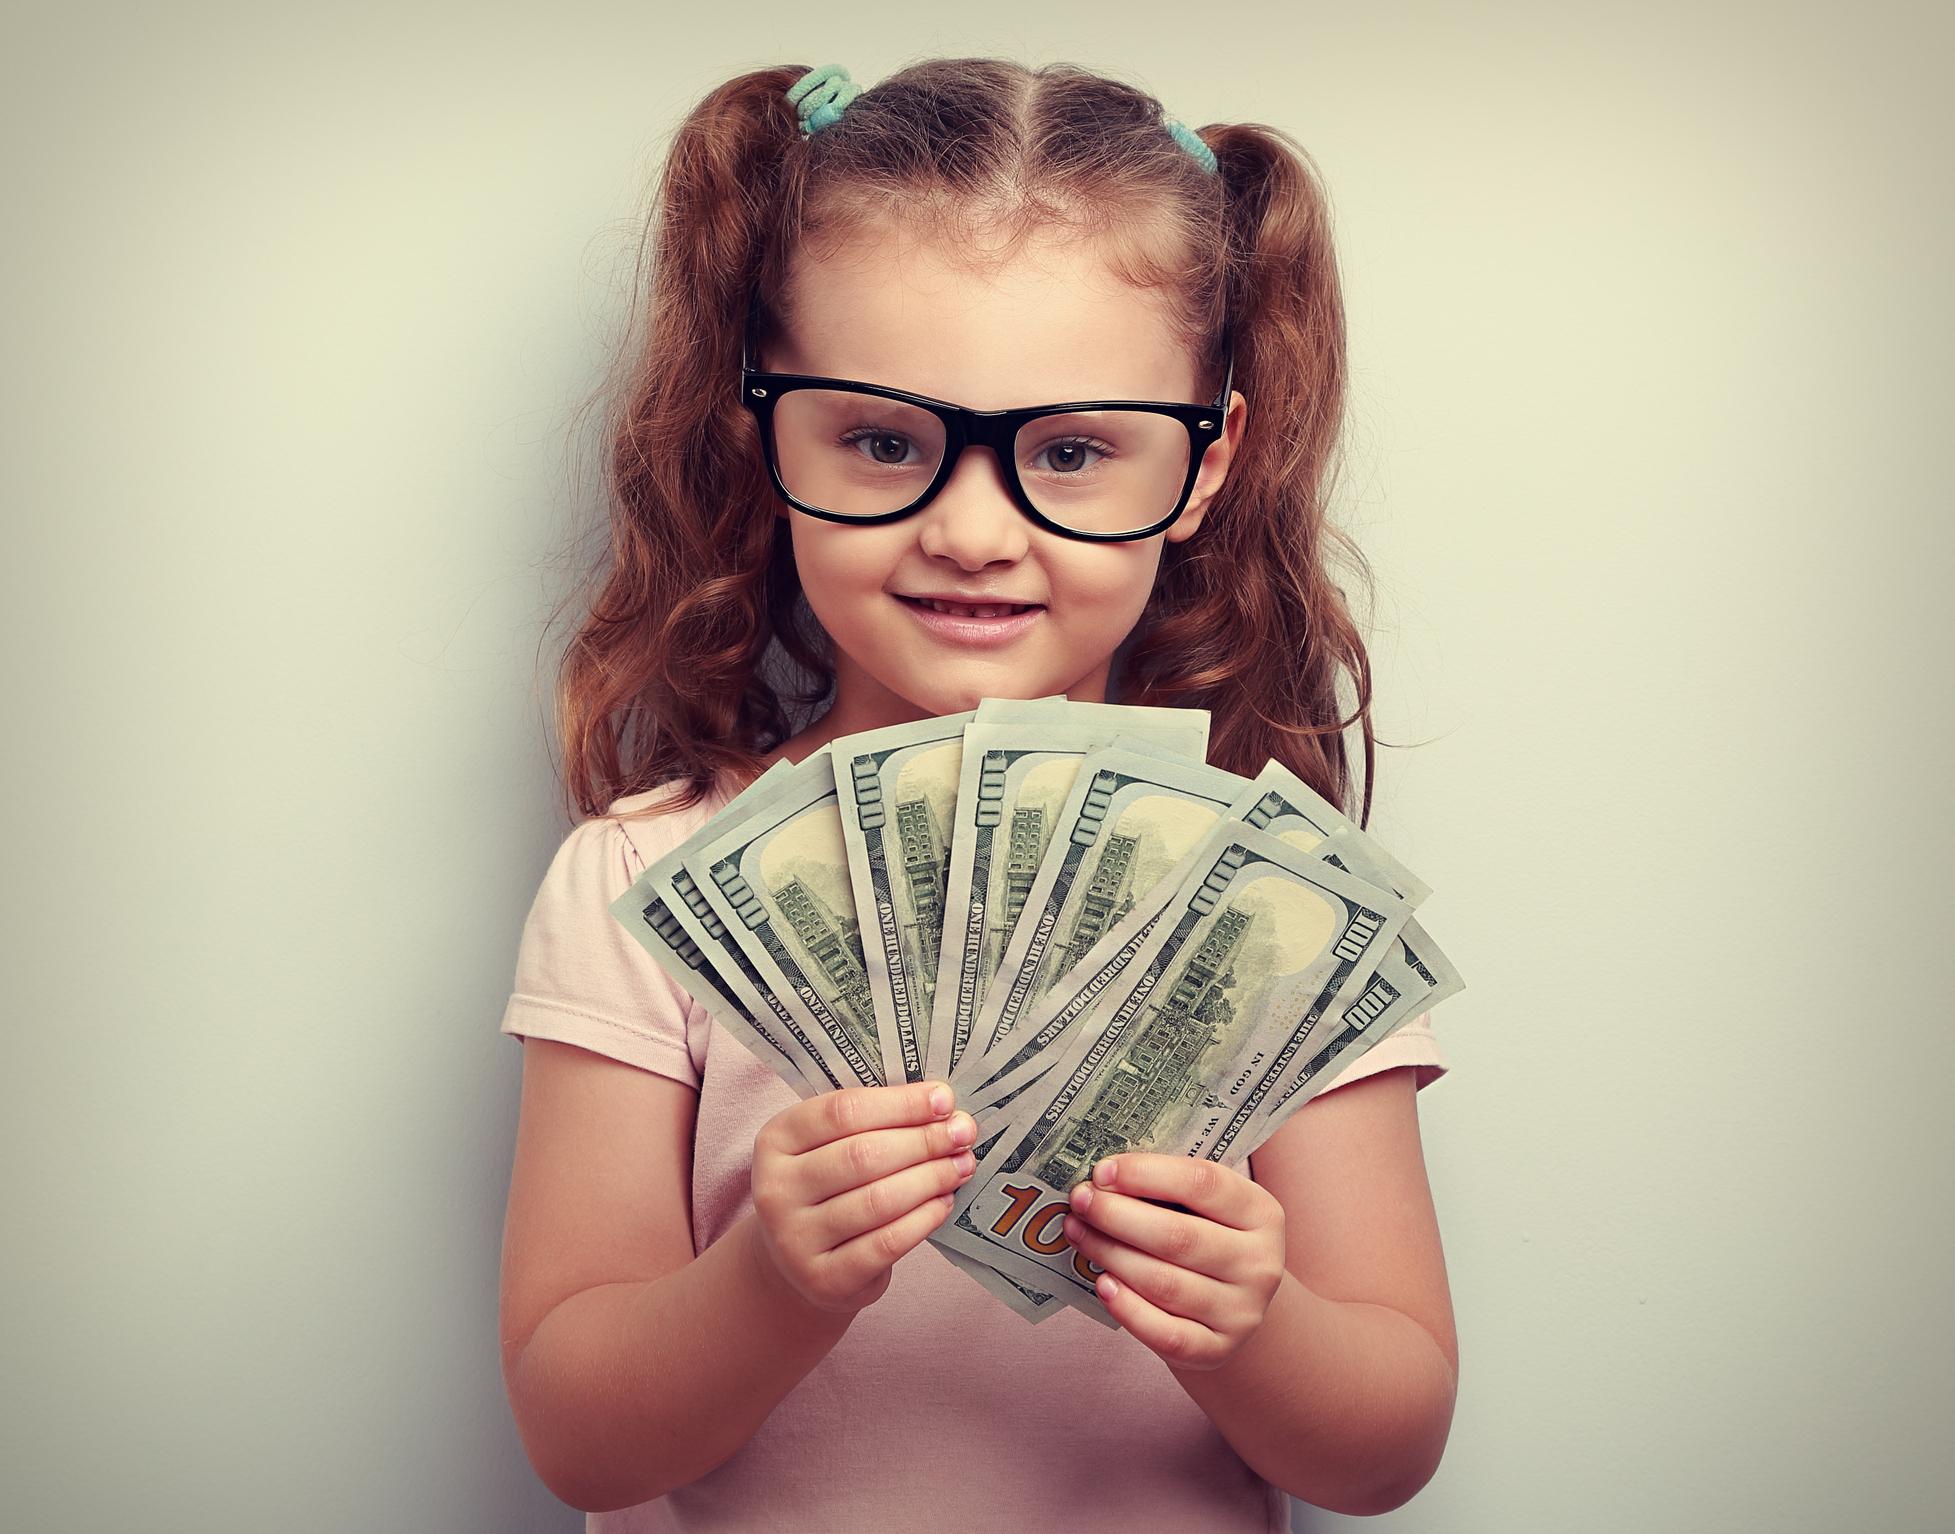 Girl holding one-hundred-dollar bills.